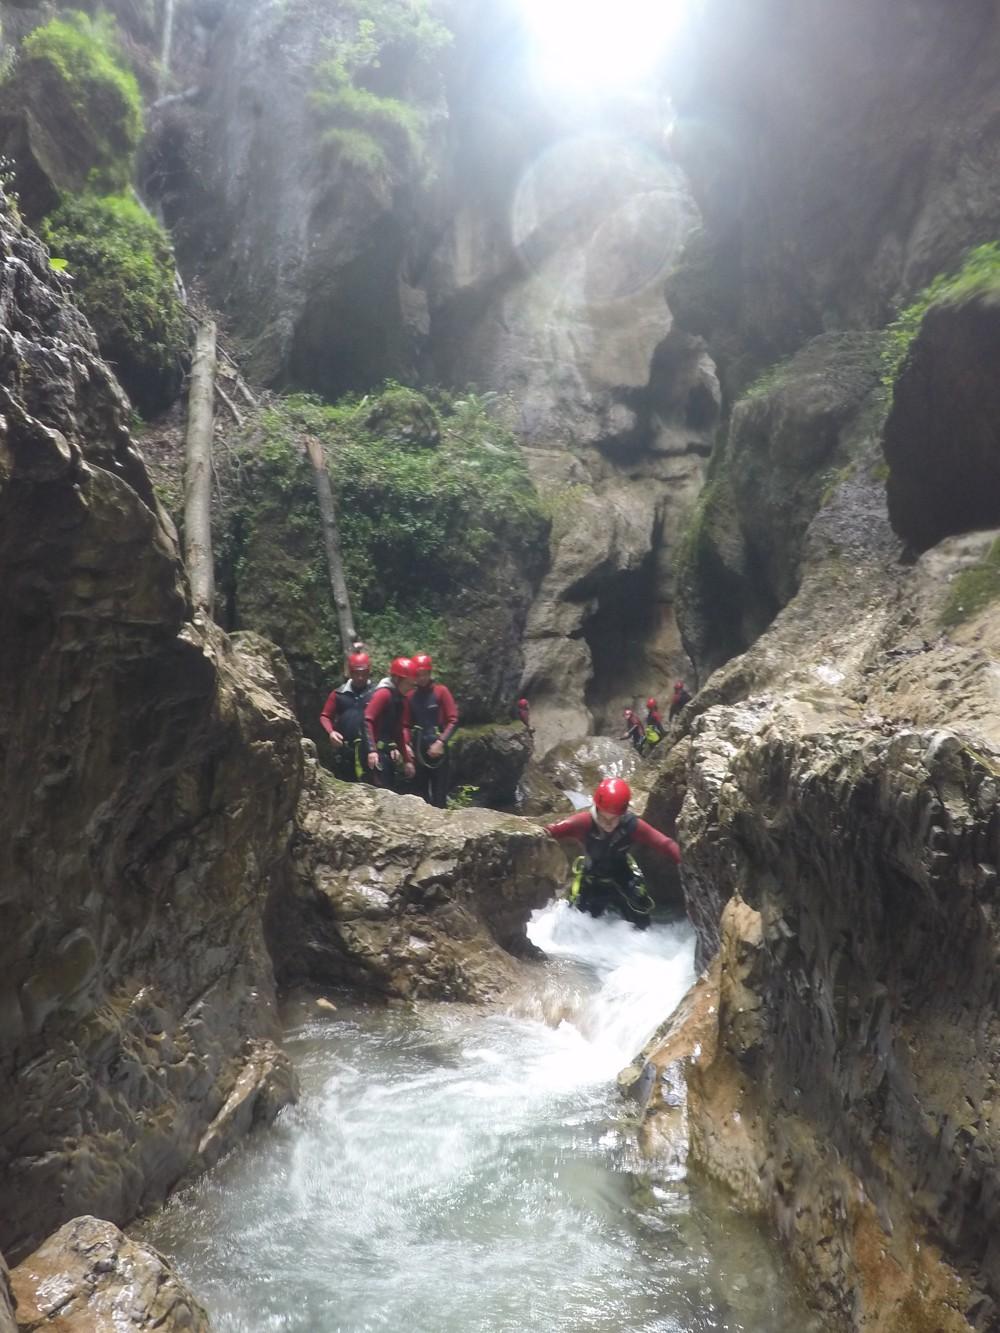 Bergsportwoche-Oostenrijkse-Alpen-Canyoning-002.jpg